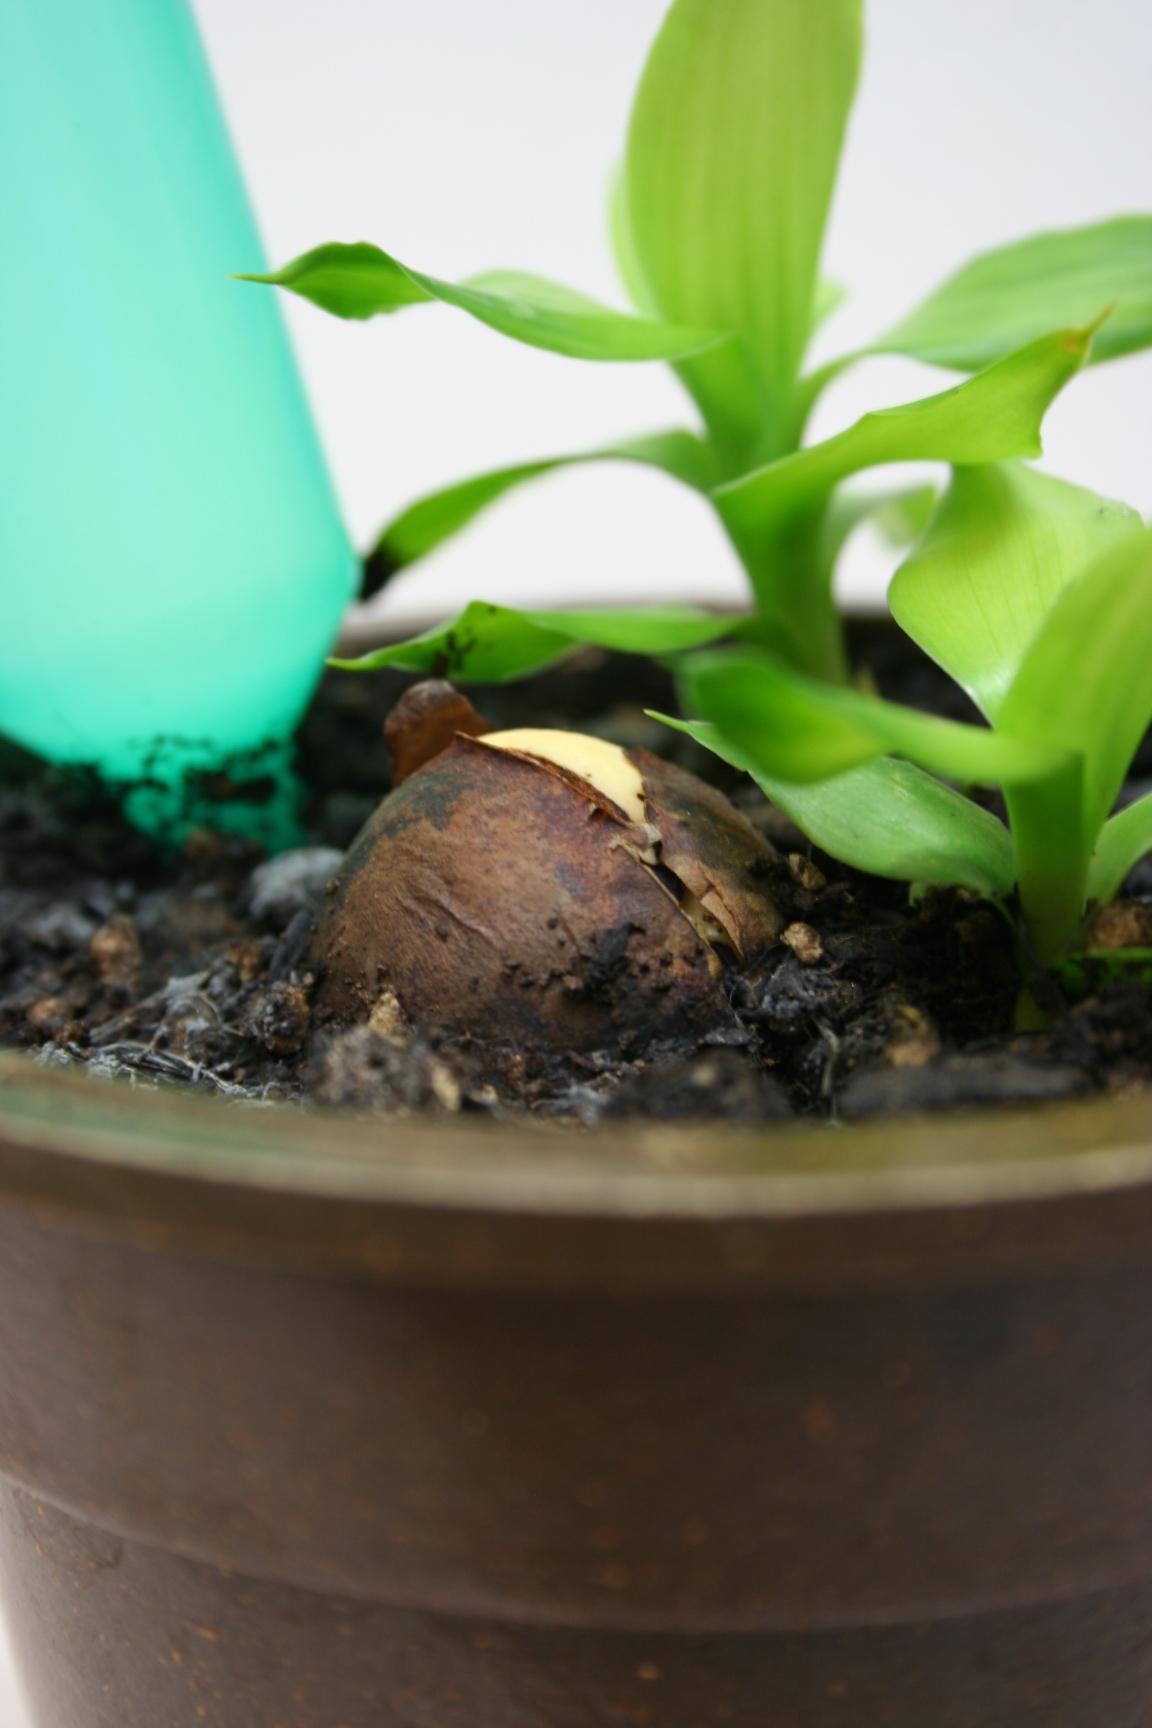 アクアジェリーボール アボガド アボカド 種 栽培 発芽 発根 鉢植え 水栽培 ジェリーボール アクアビーズ ジェル ジェリービーズ